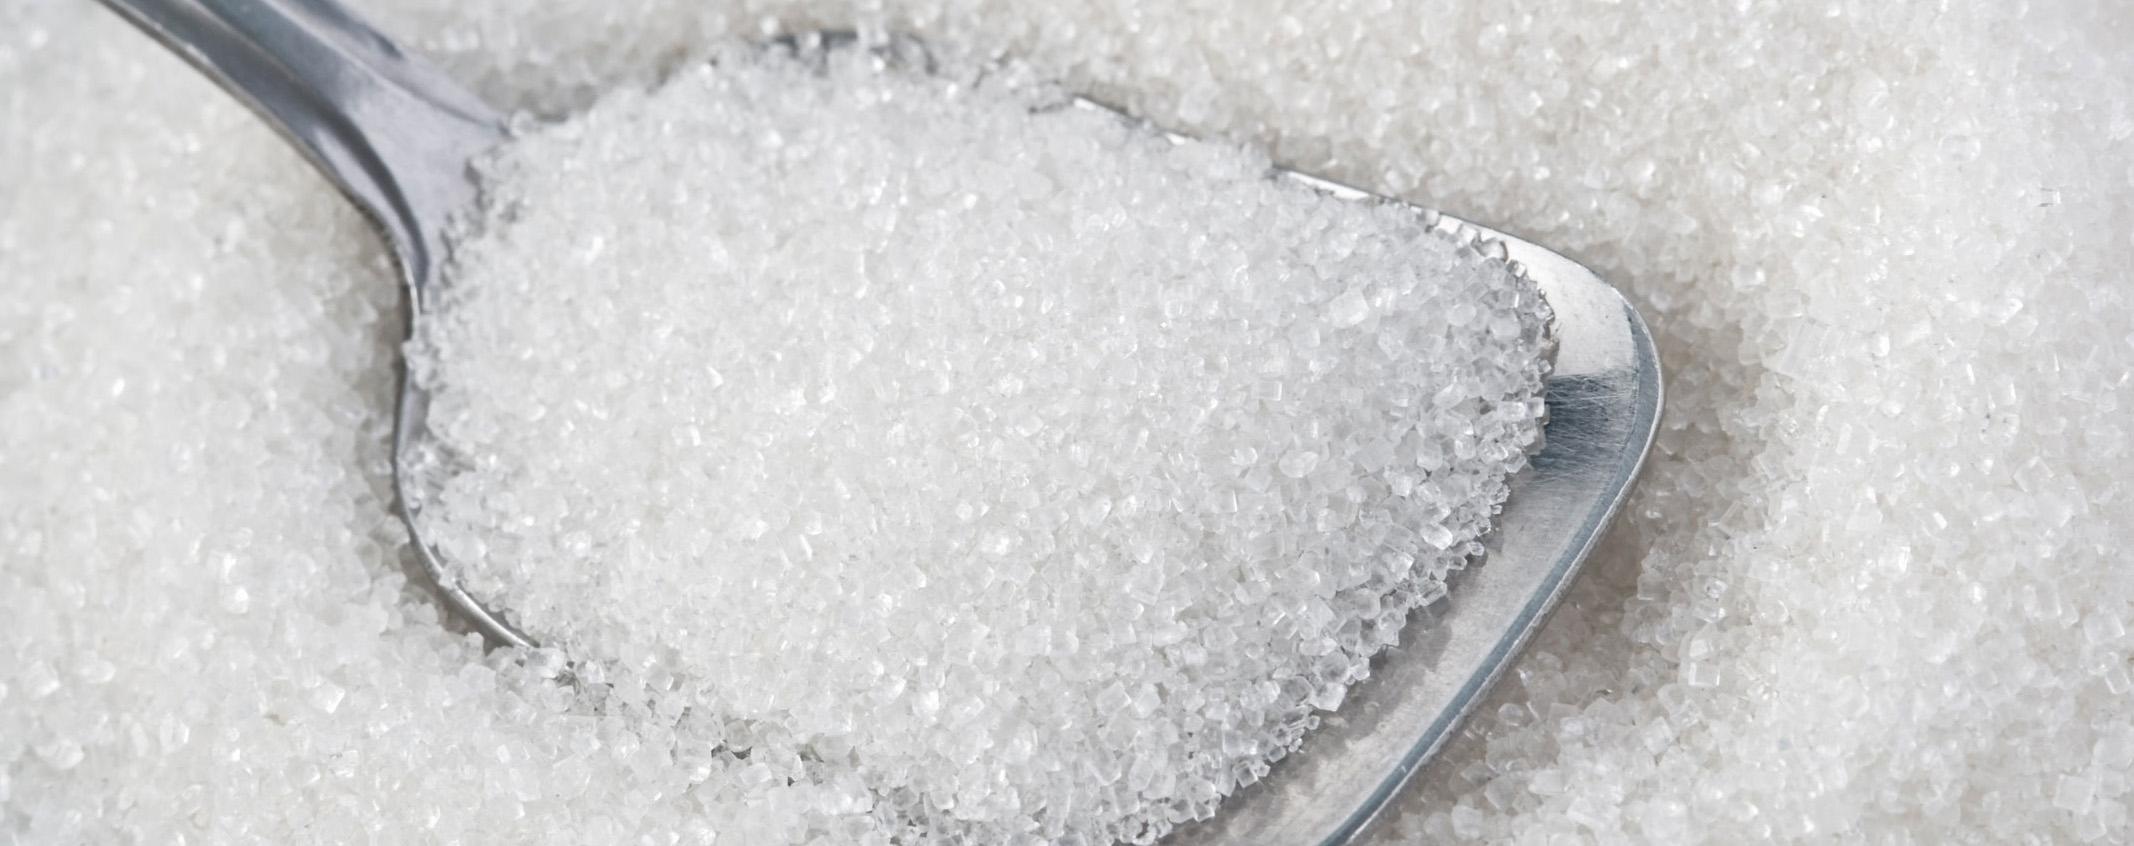 """وزارت جهاد کشاورزی موافقت با """"واردات موقت"""" شکر را تایید کرد"""